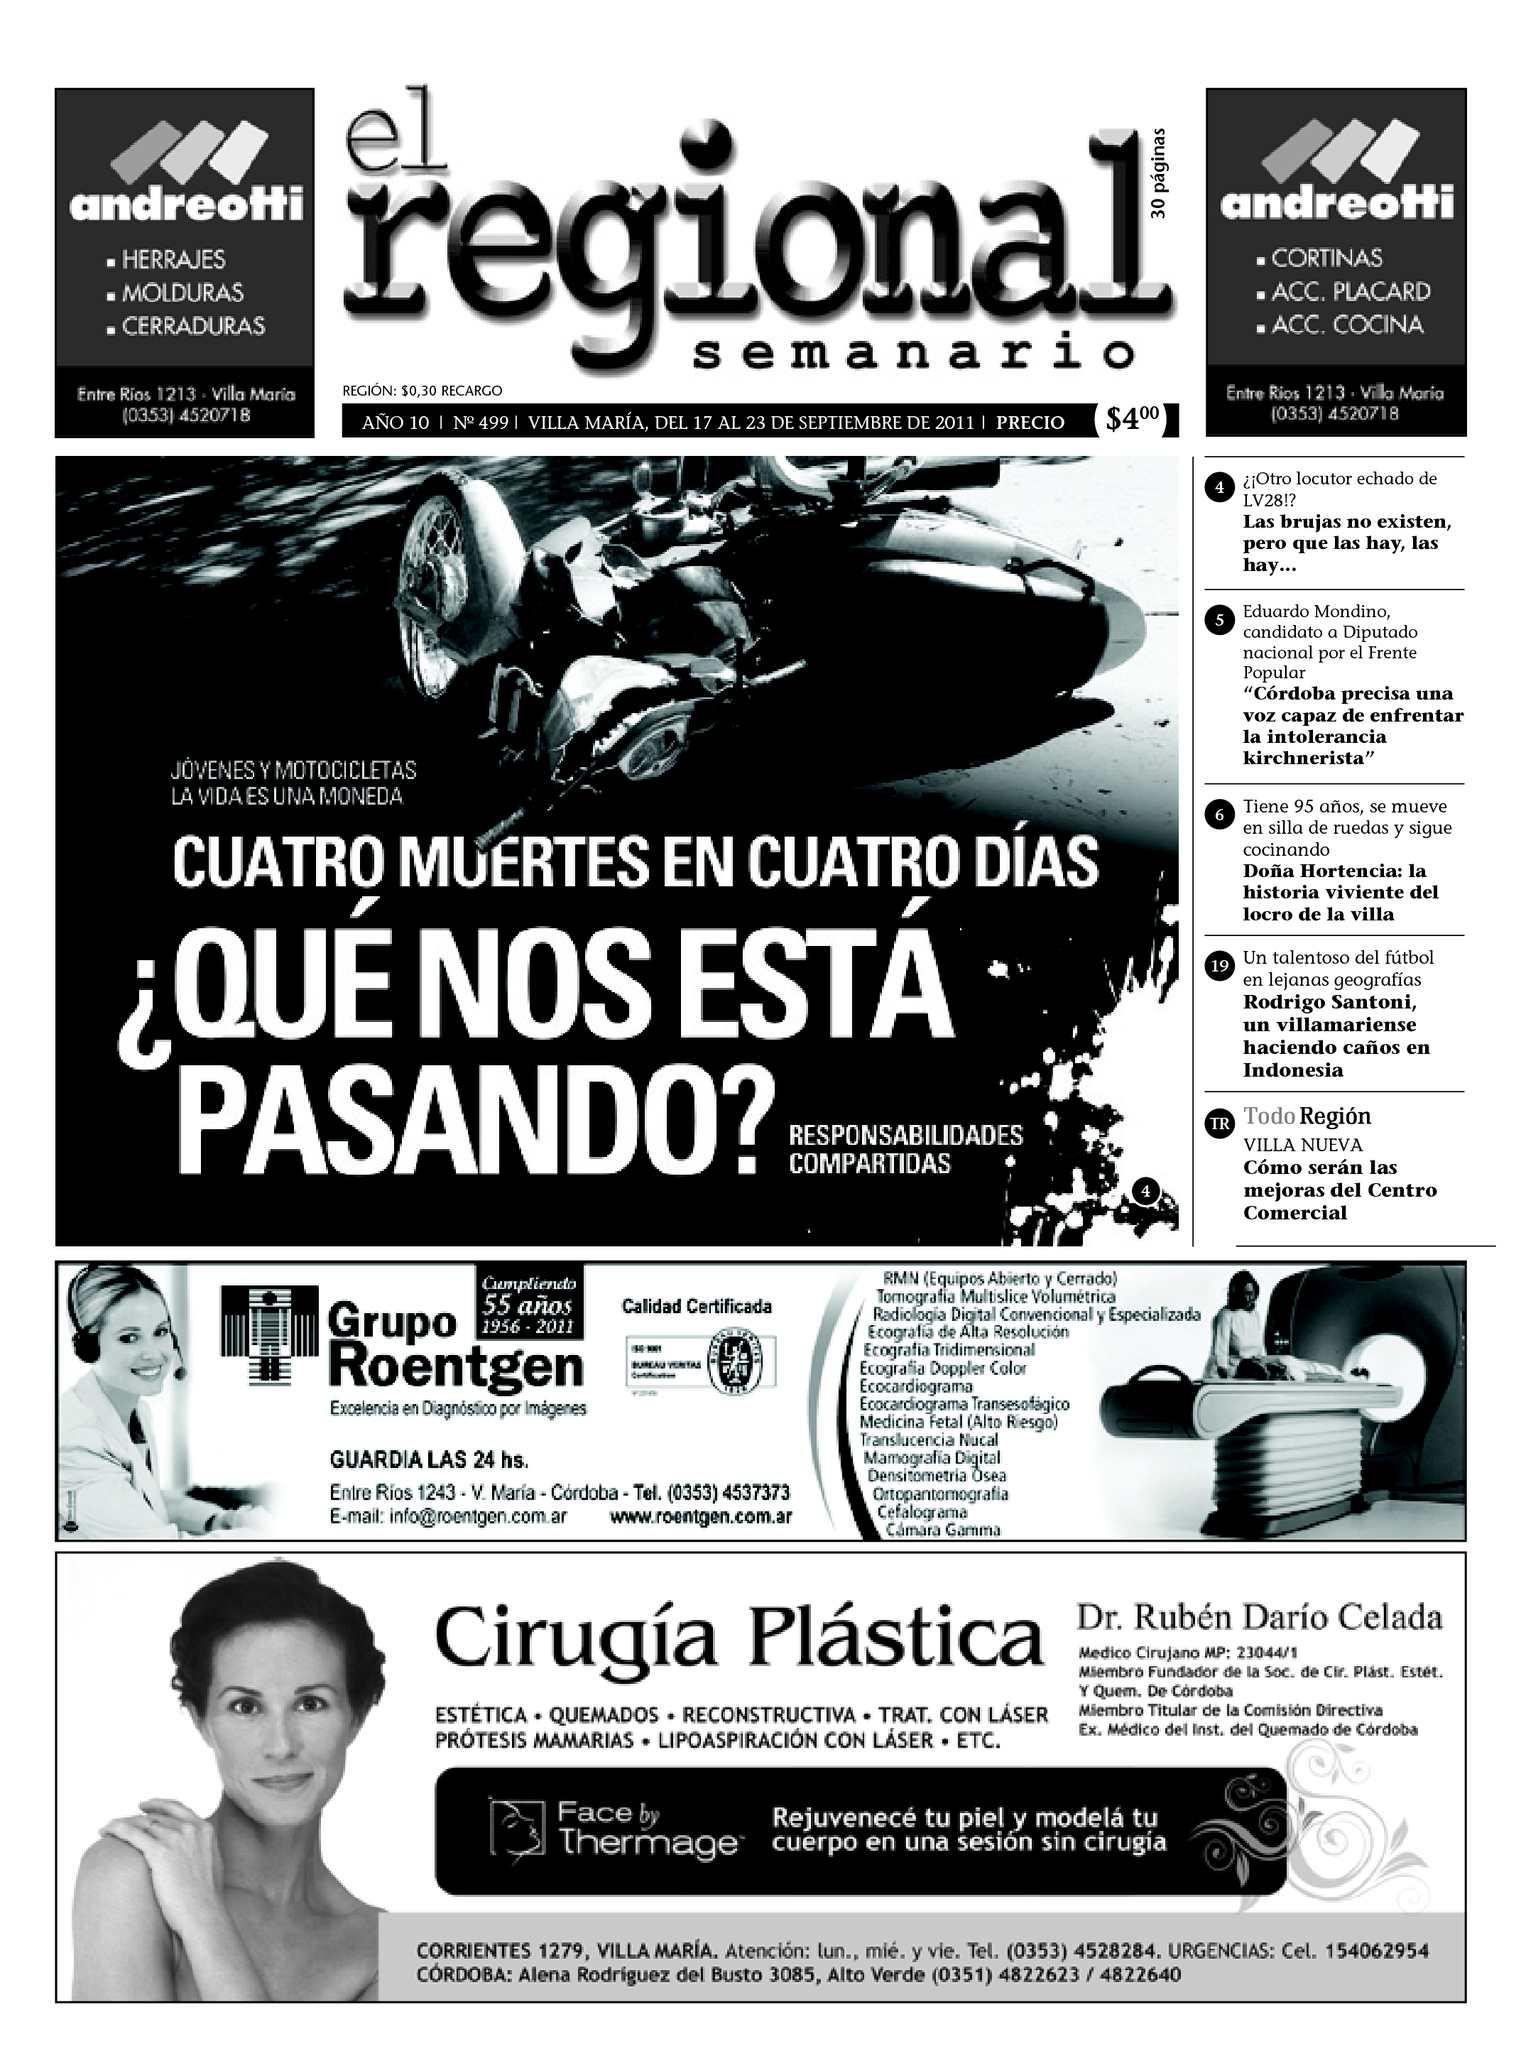 Calaméo - Semanario El Regional 499 e35fcc44818